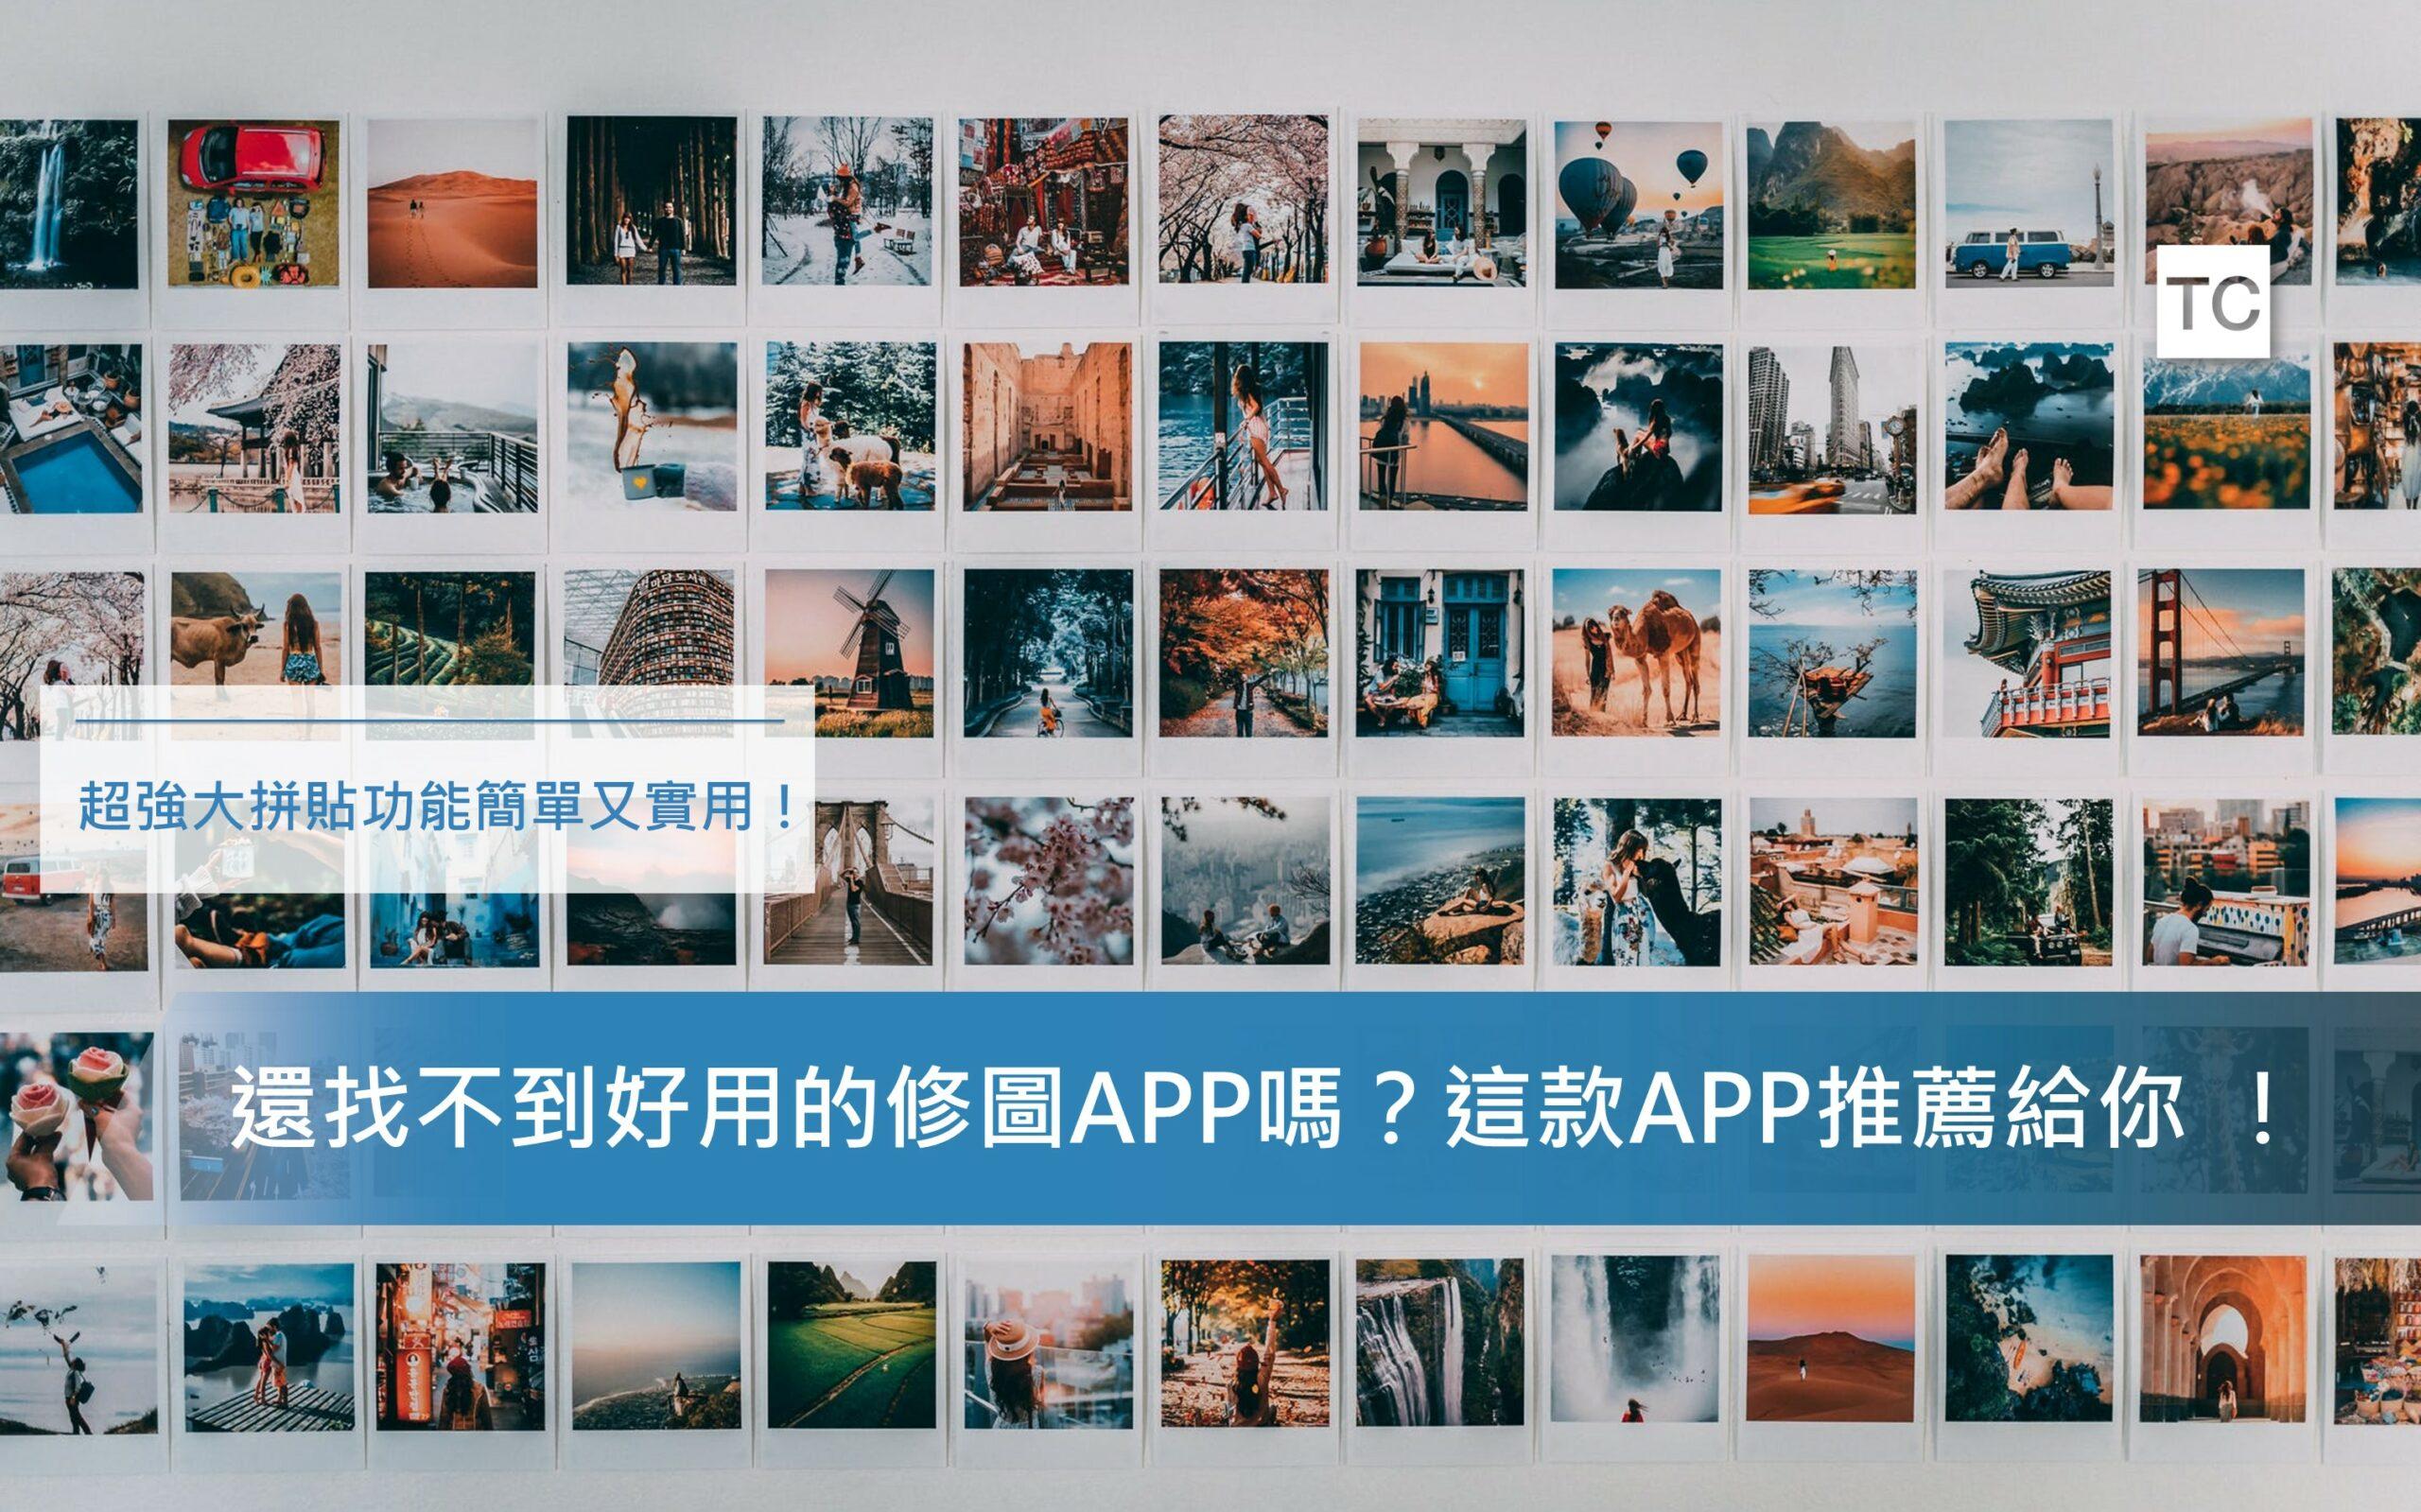 修圖APP推薦 修圖、拼貼、編輯用PhotoGrid一次幫你搞定!